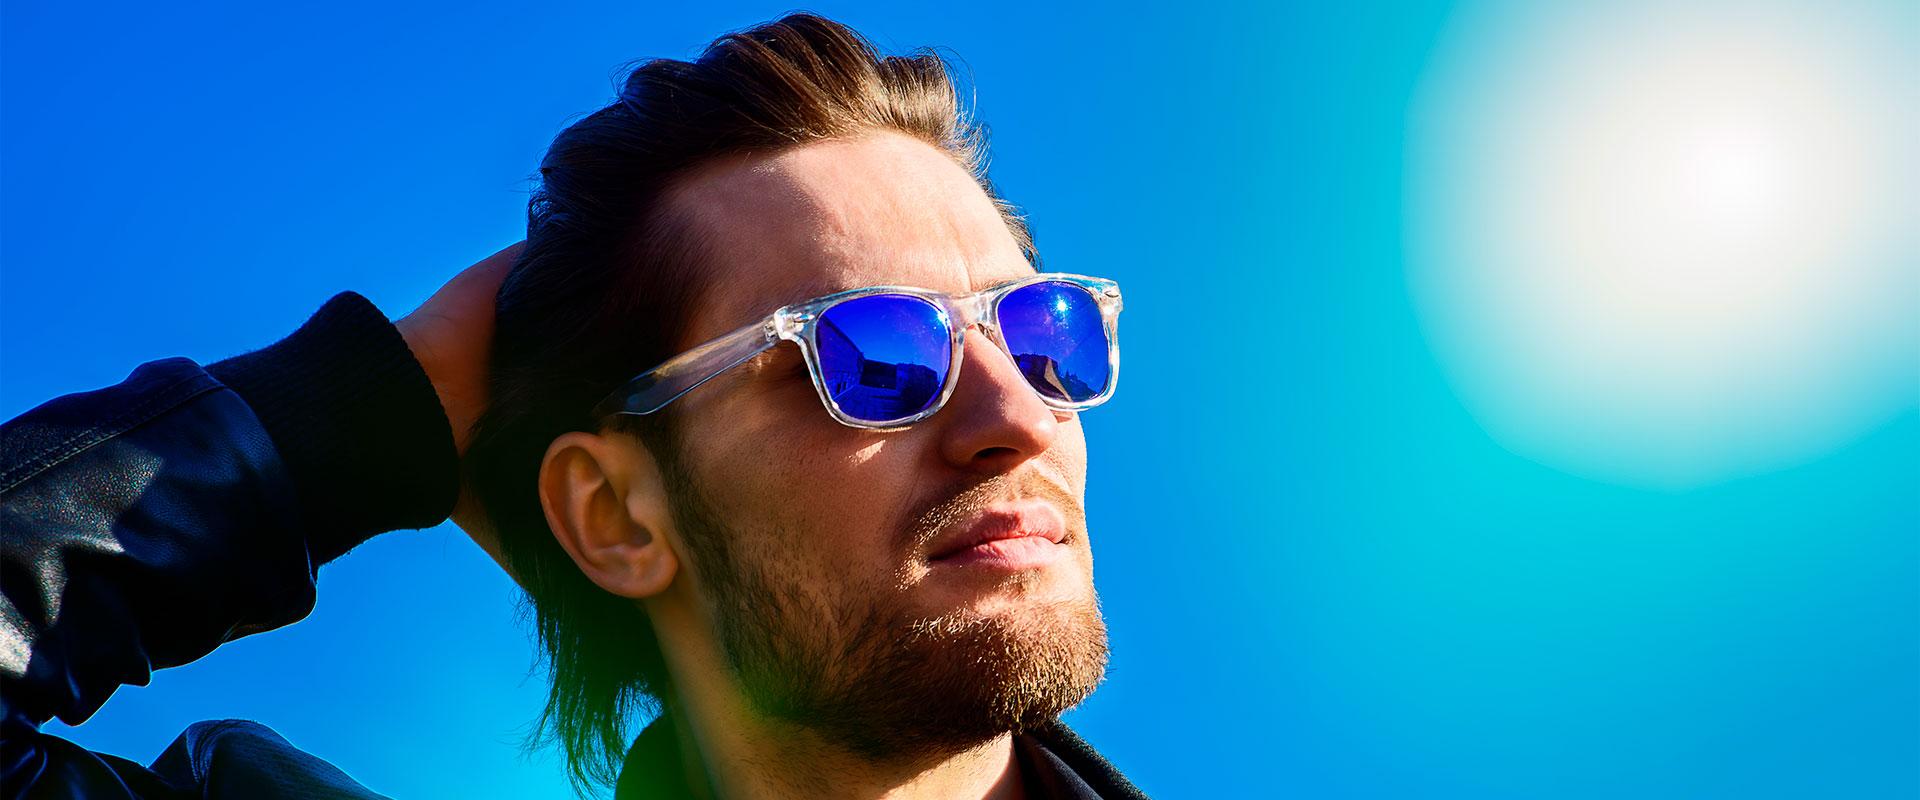 Hombre usando lentes de sol como los Eagle Eyes.